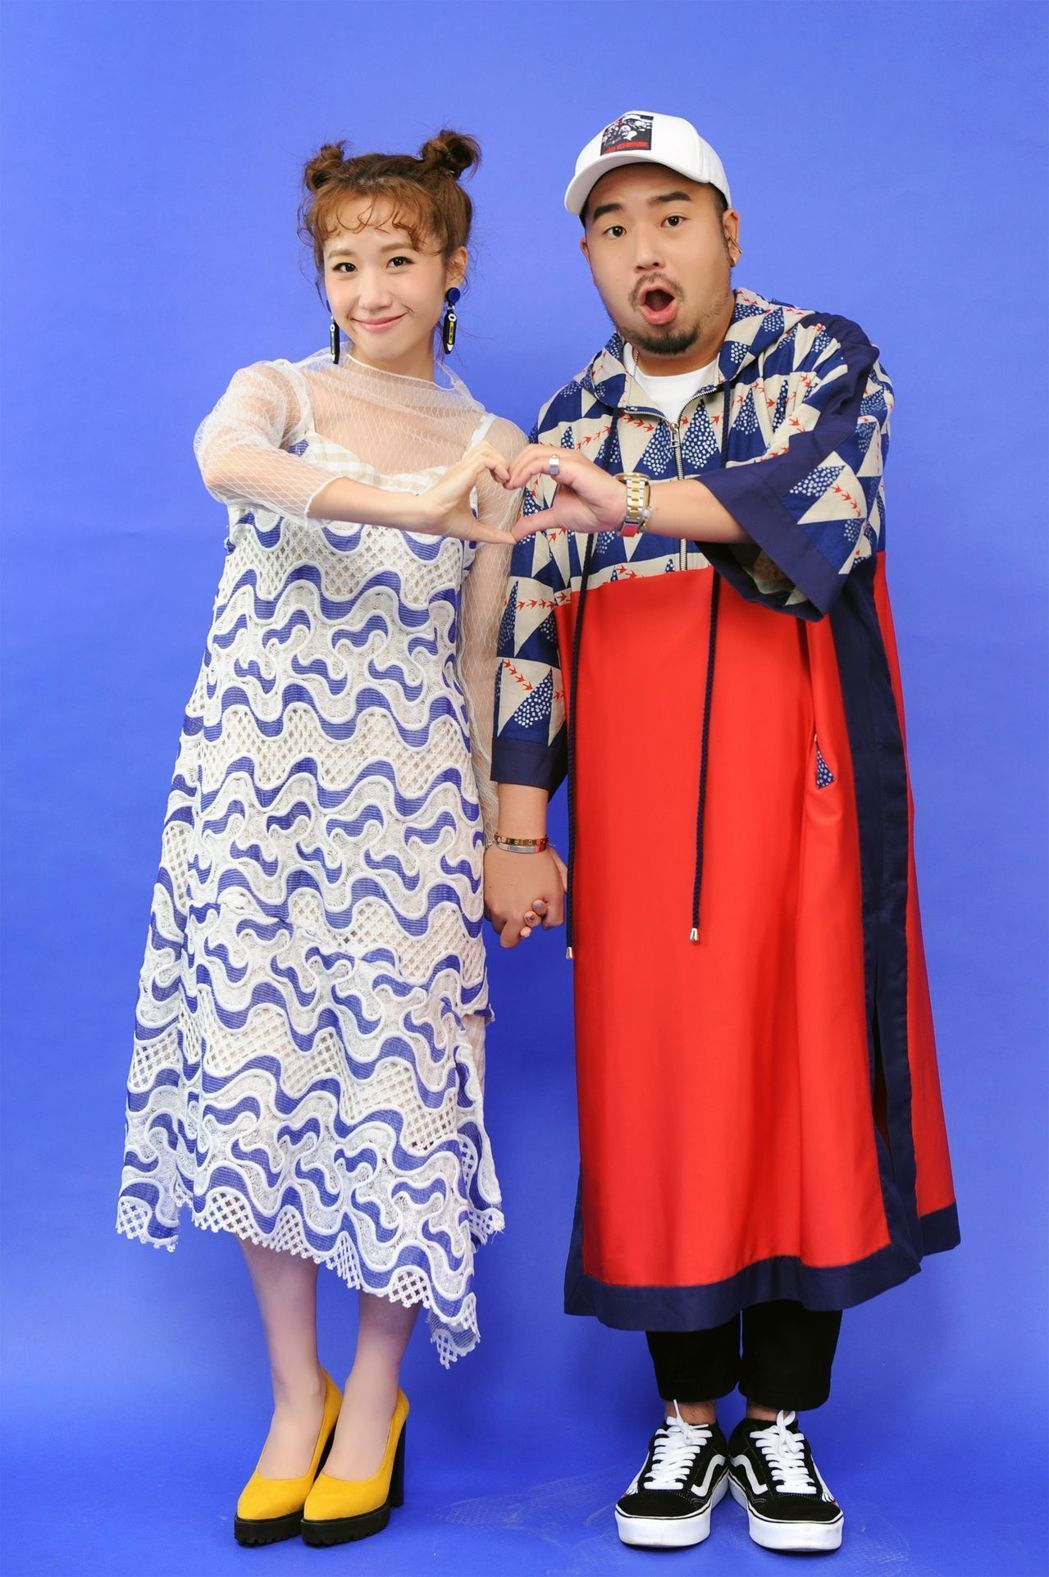 阿達(右)和Lulu今年跨年將在百萬觀眾面前合體唱情歌。圖/環球音樂提供